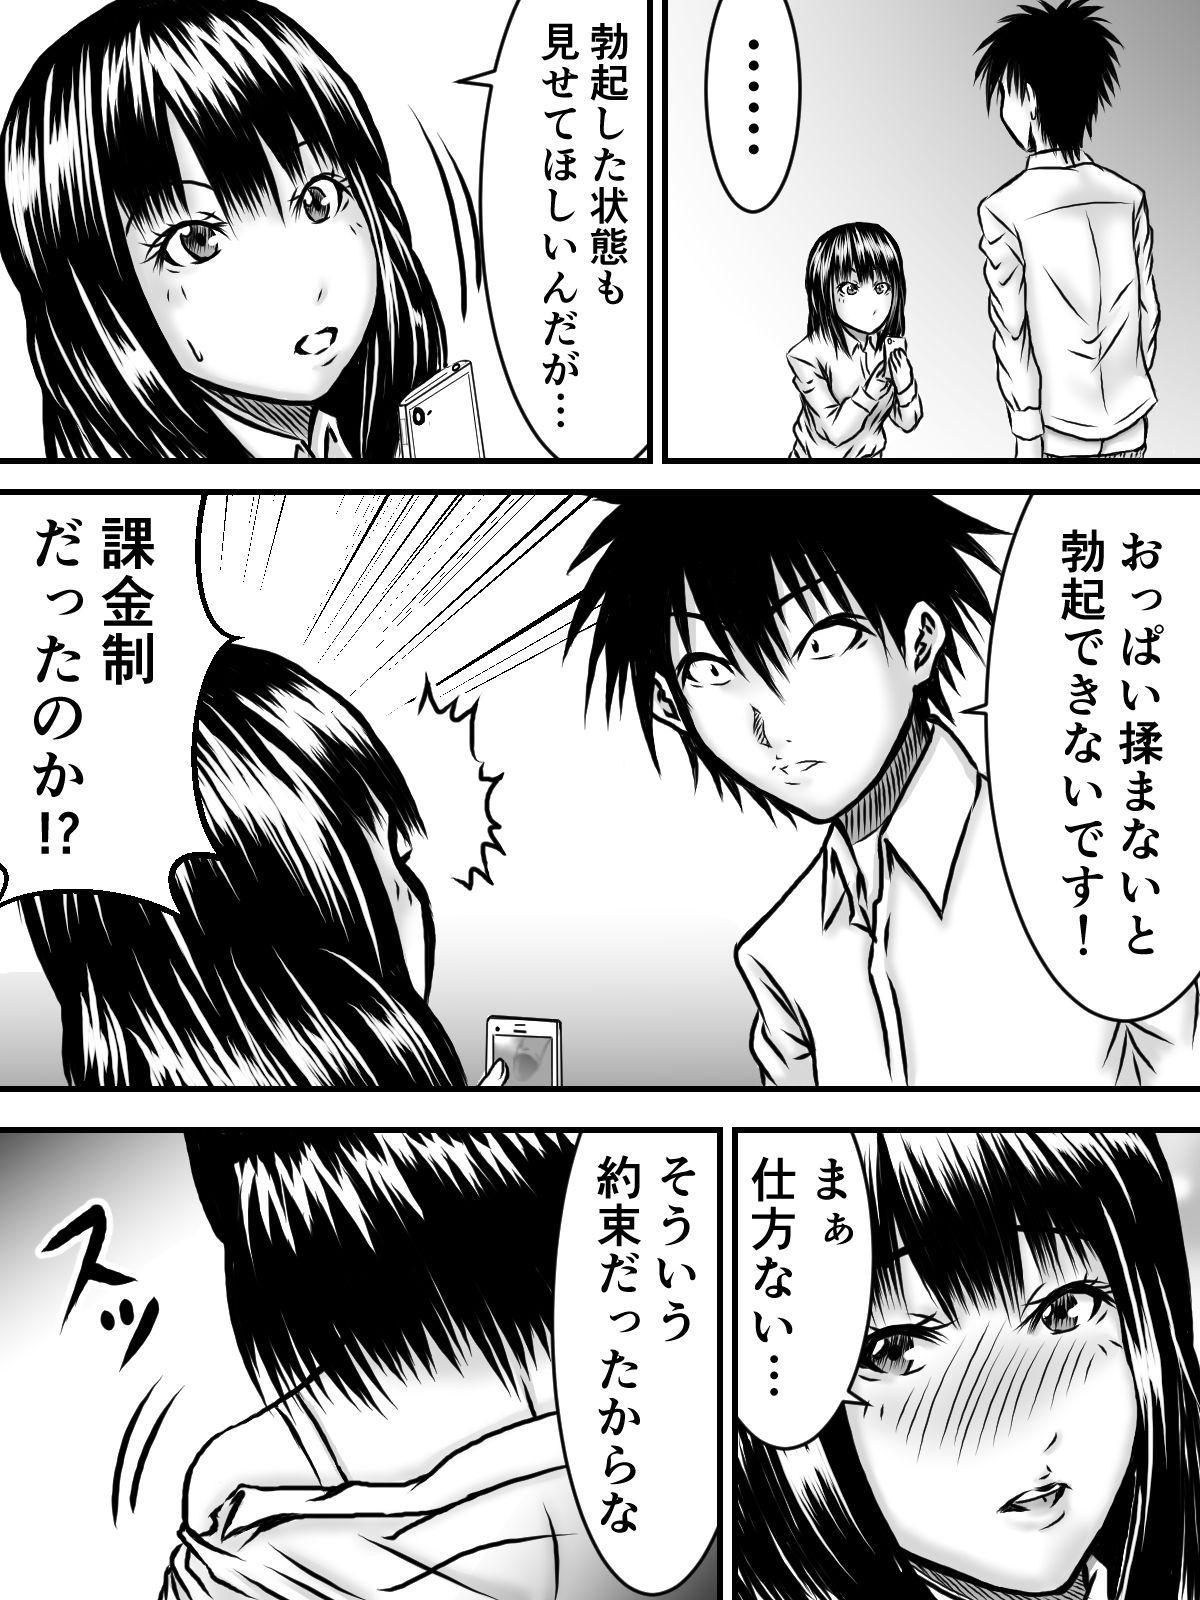 Kiss wa ¥300 42